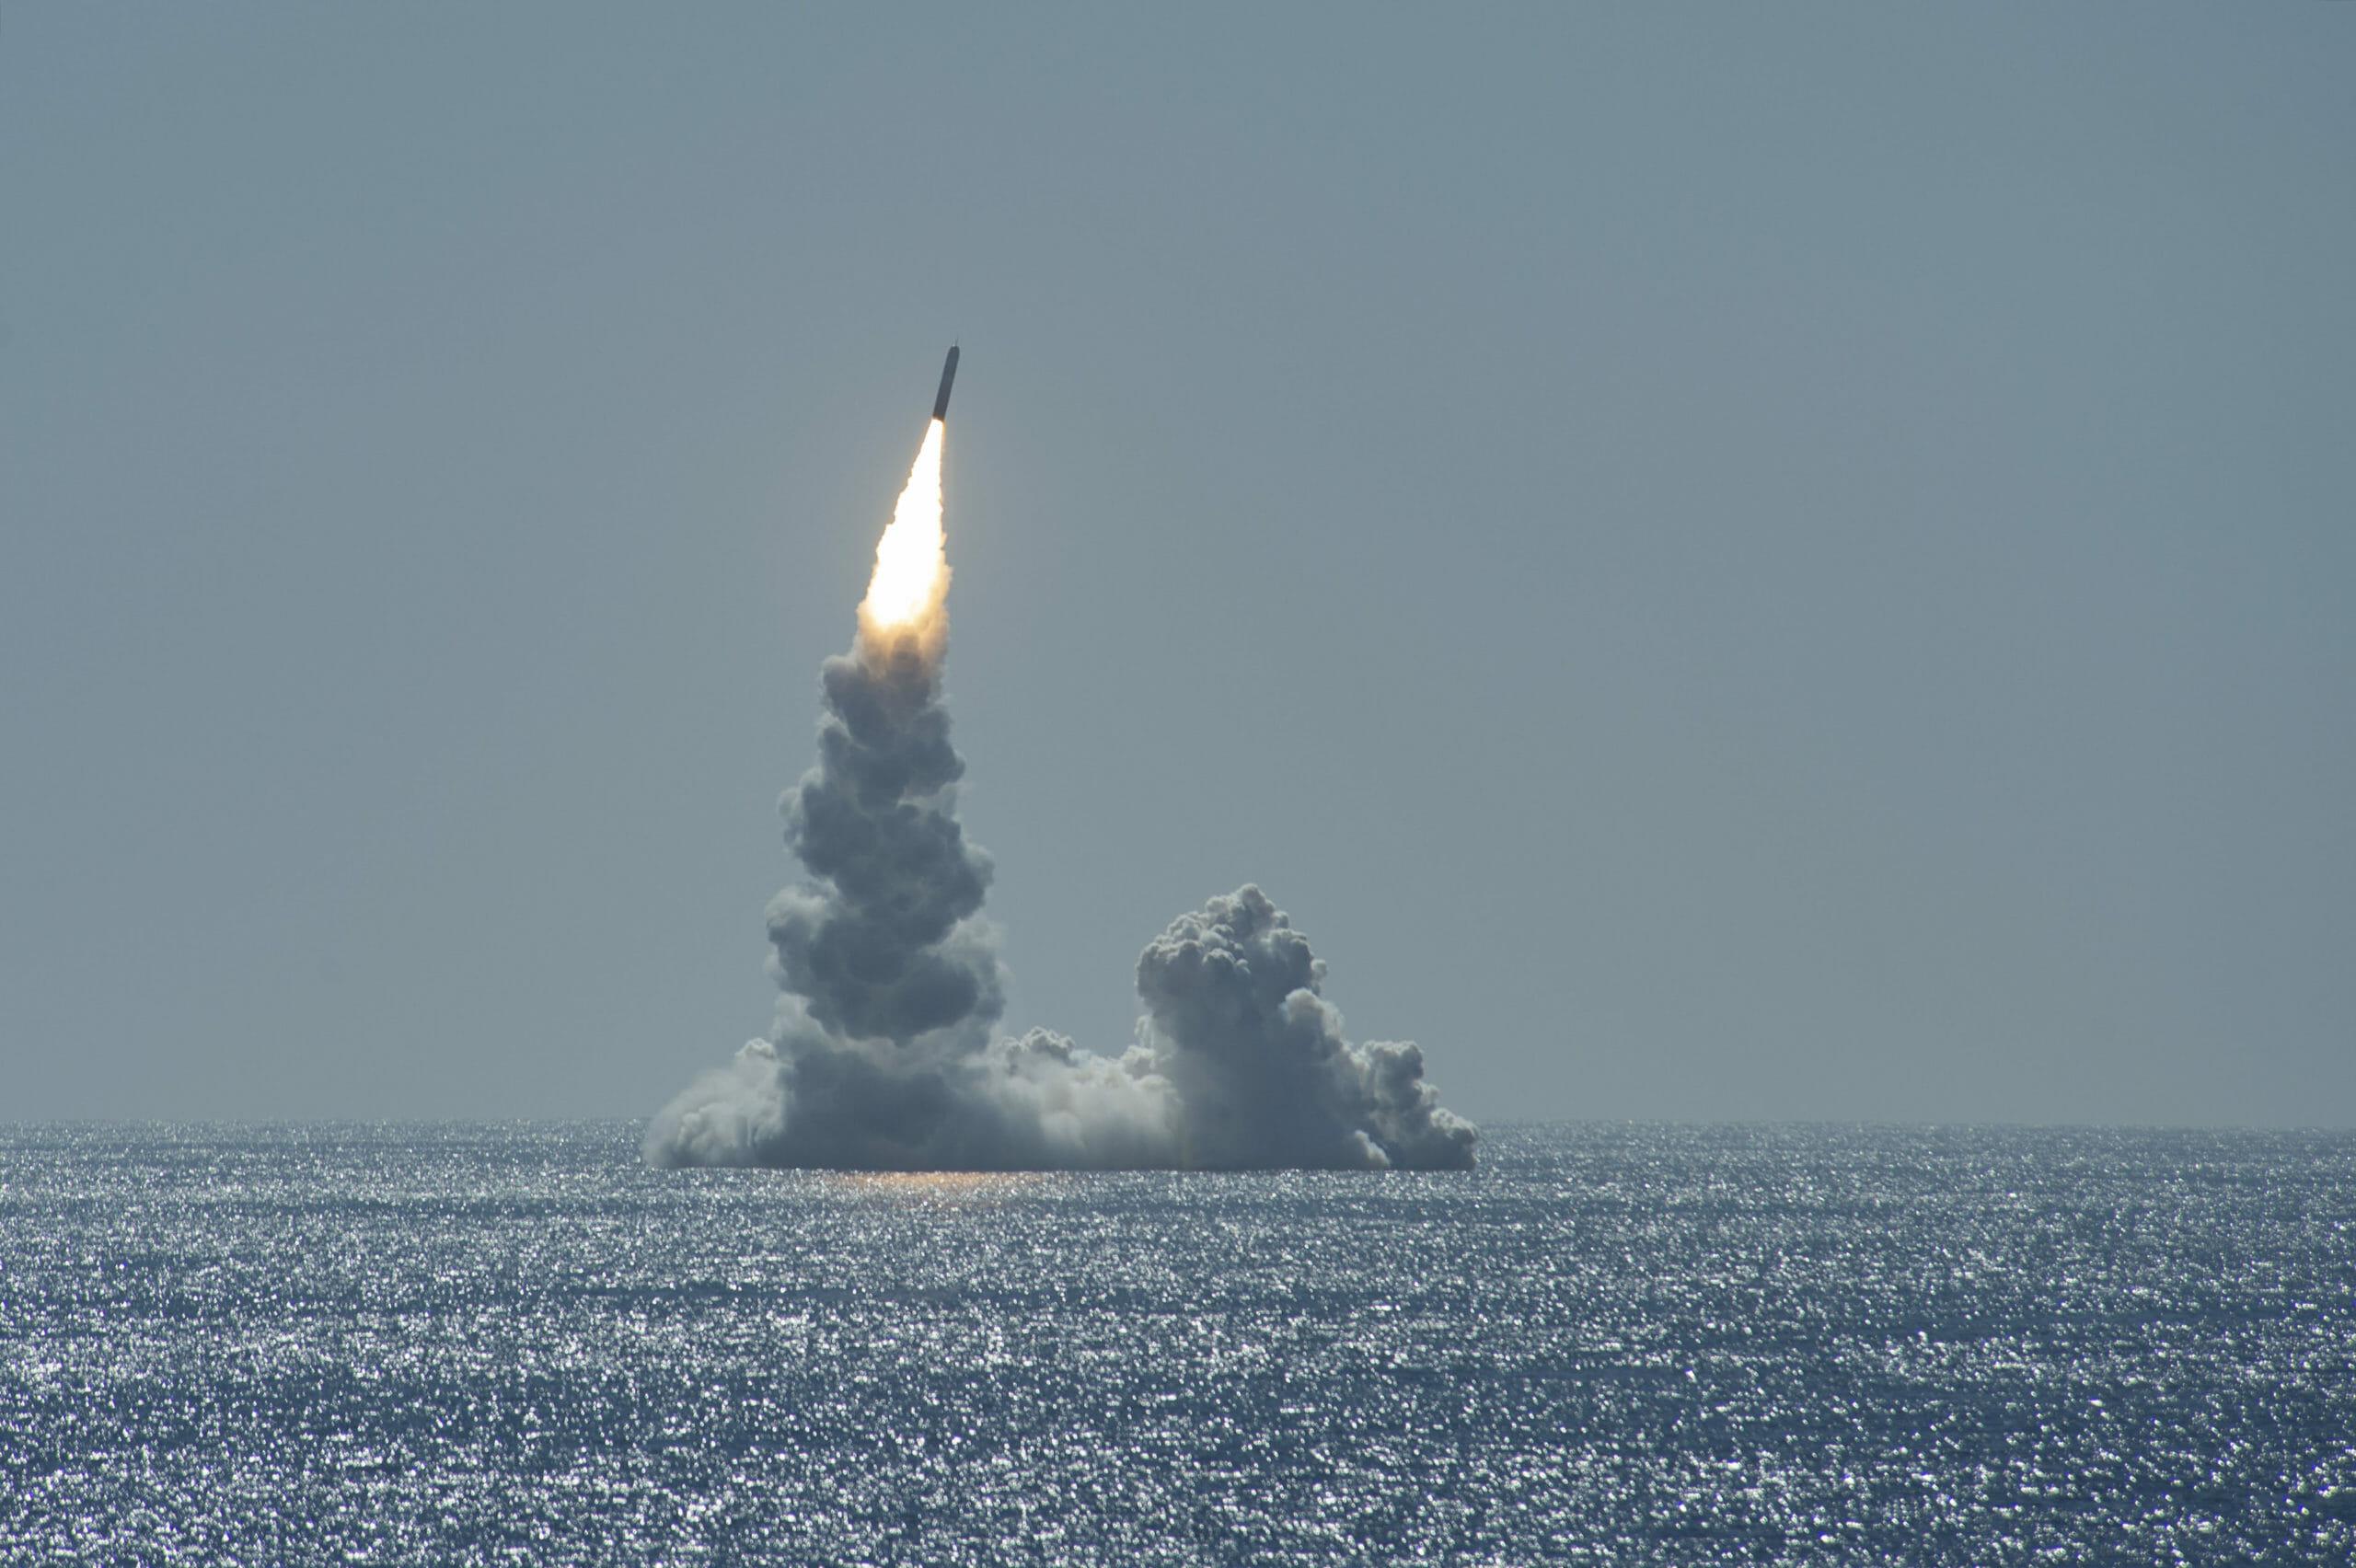 Rusland tilbyder etårig forlængelse af atompagt med USA